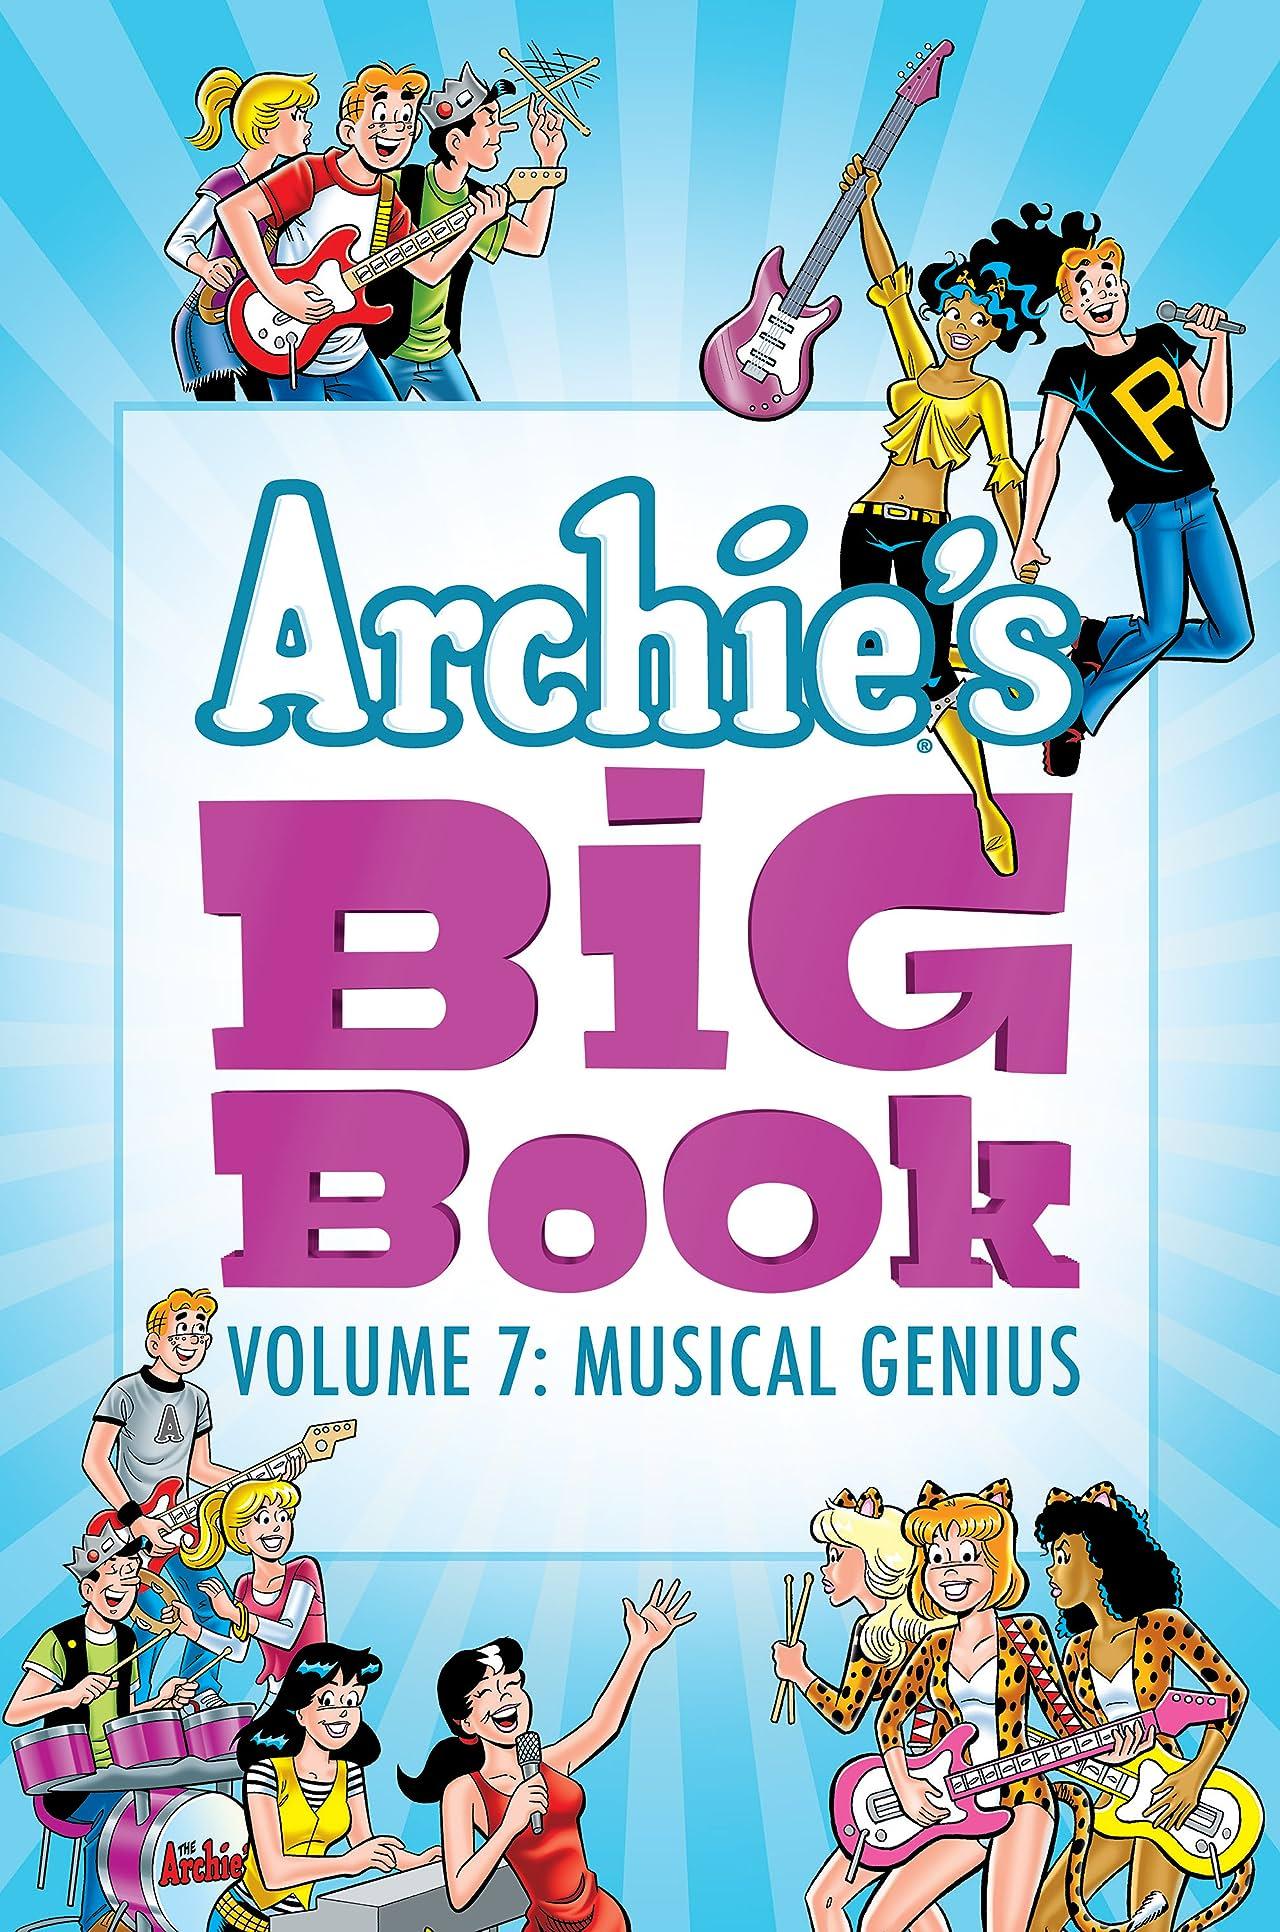 Archie's Big Book Vol. 7: Musical Genius Vol. 7